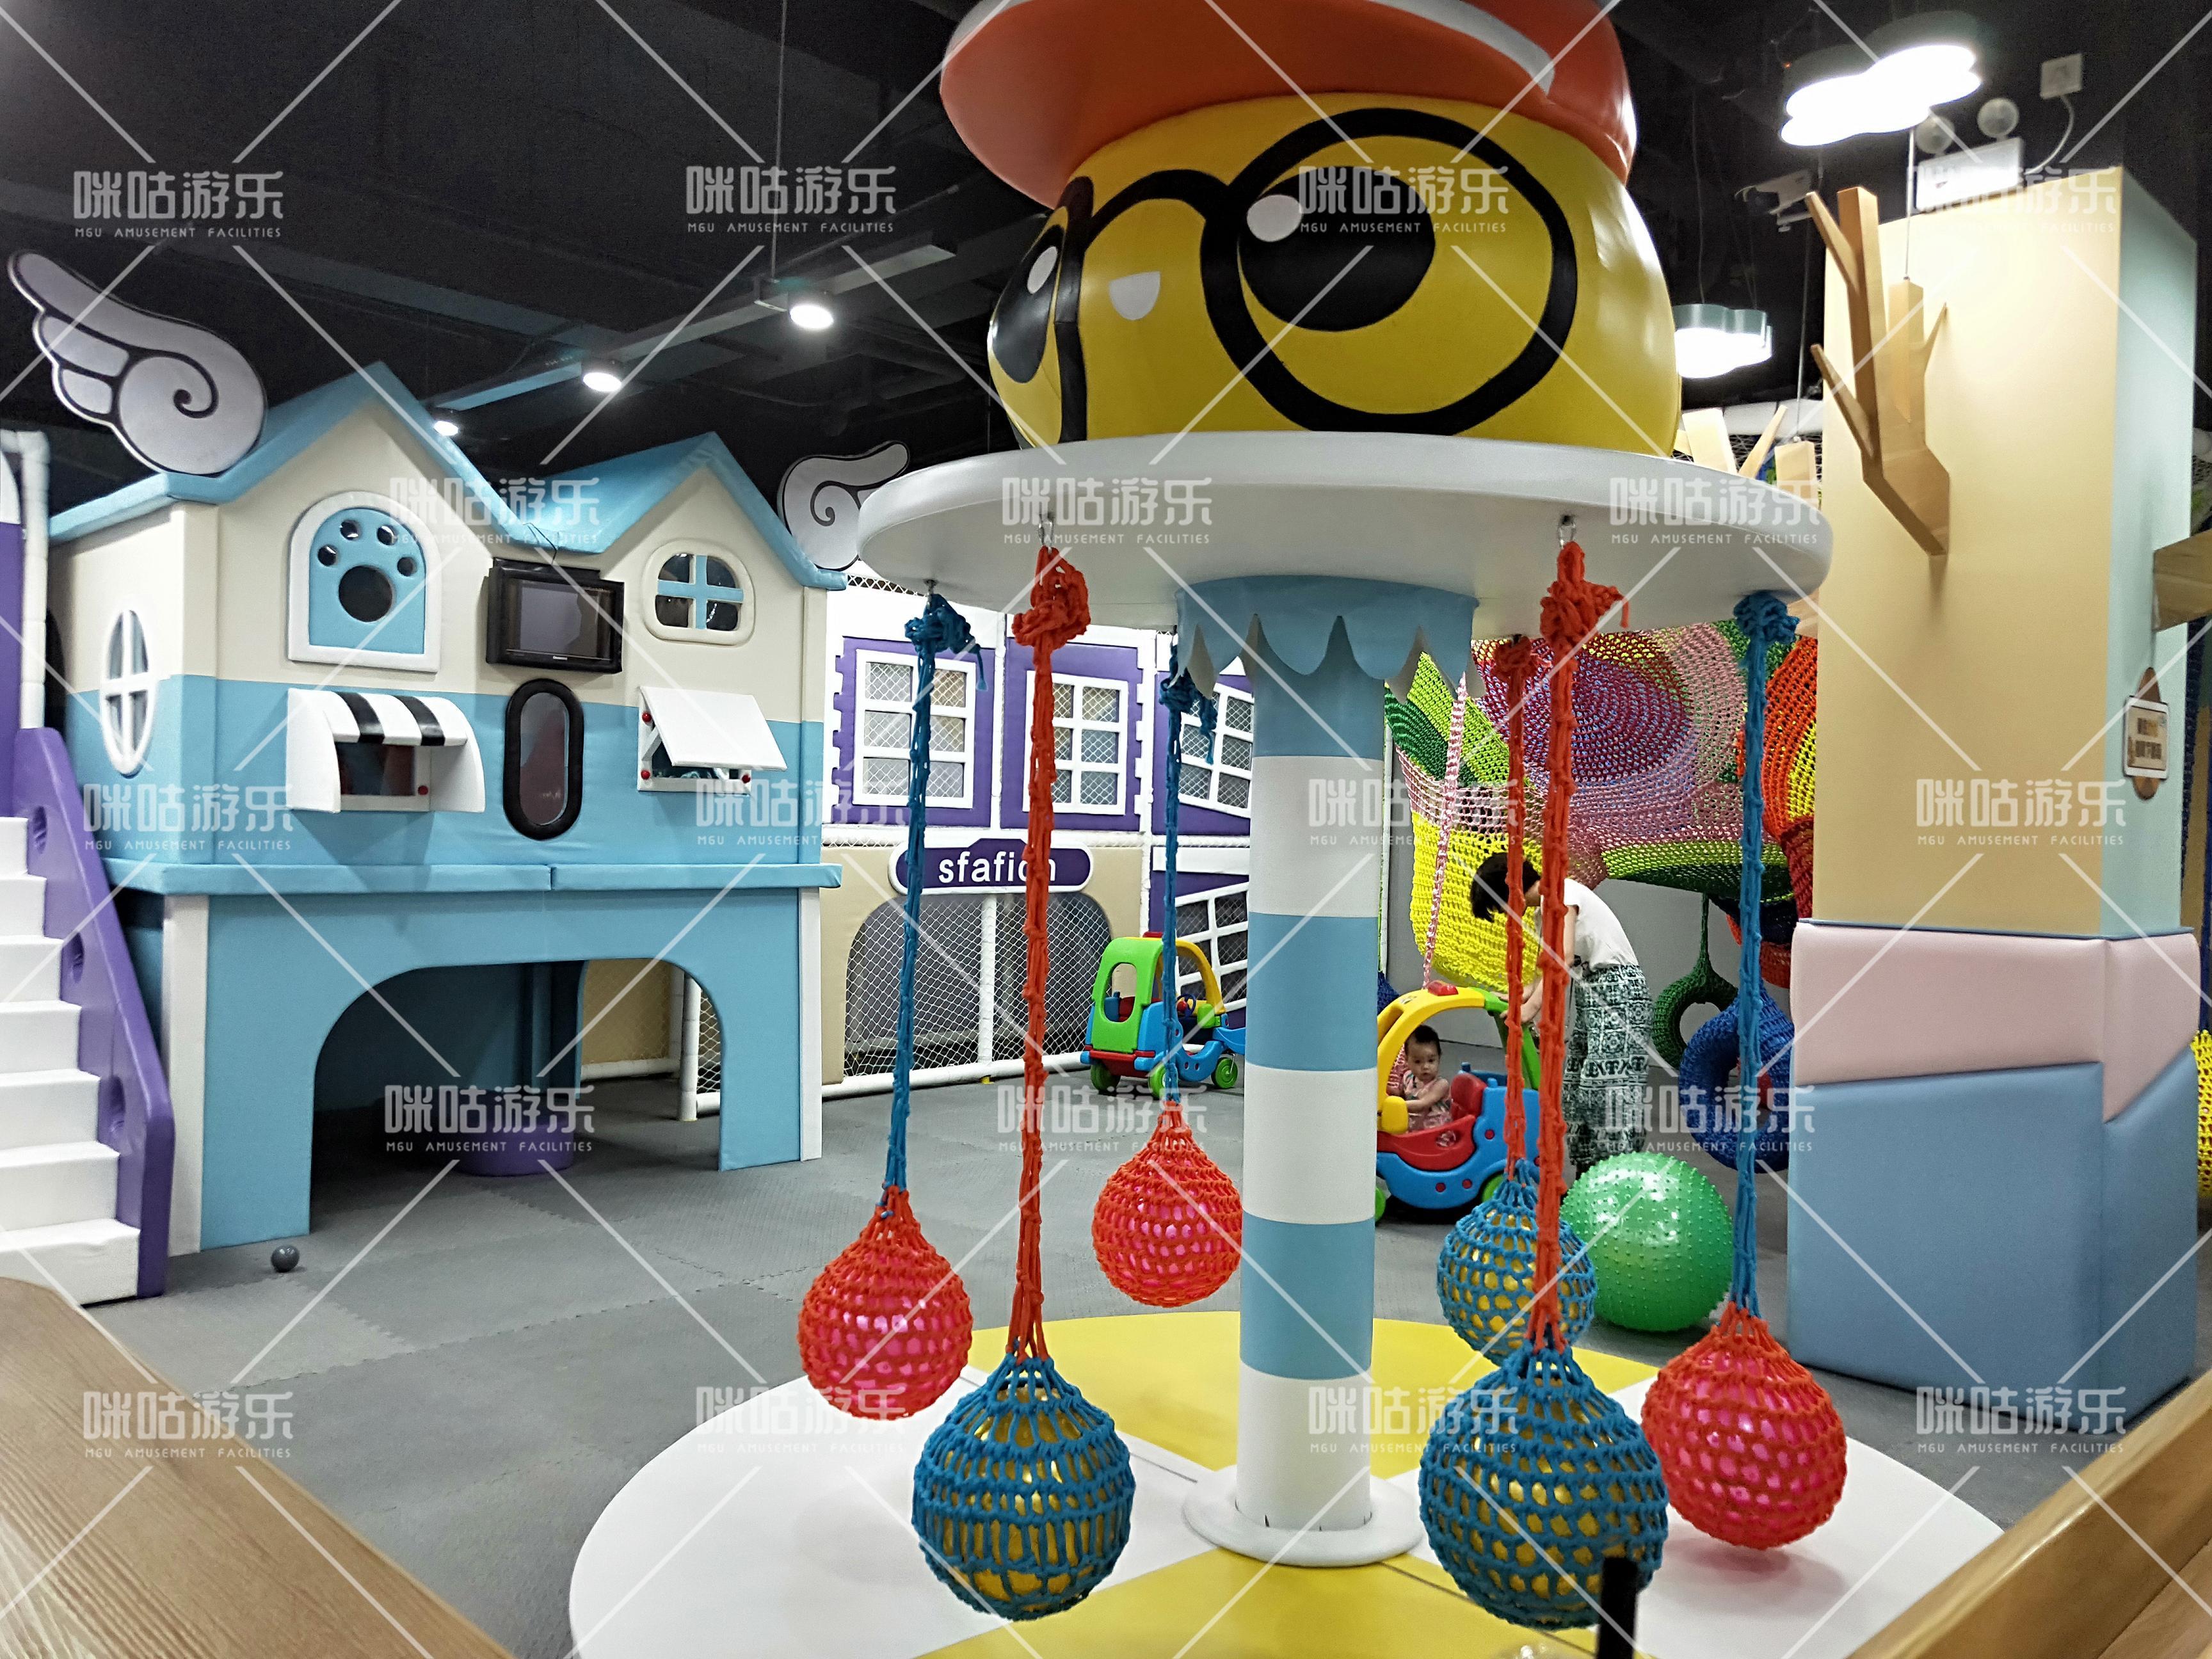 微信图片_20200429155859.jpg 武威儿童乐园加盟优势 加盟资讯 游乐设备第1张